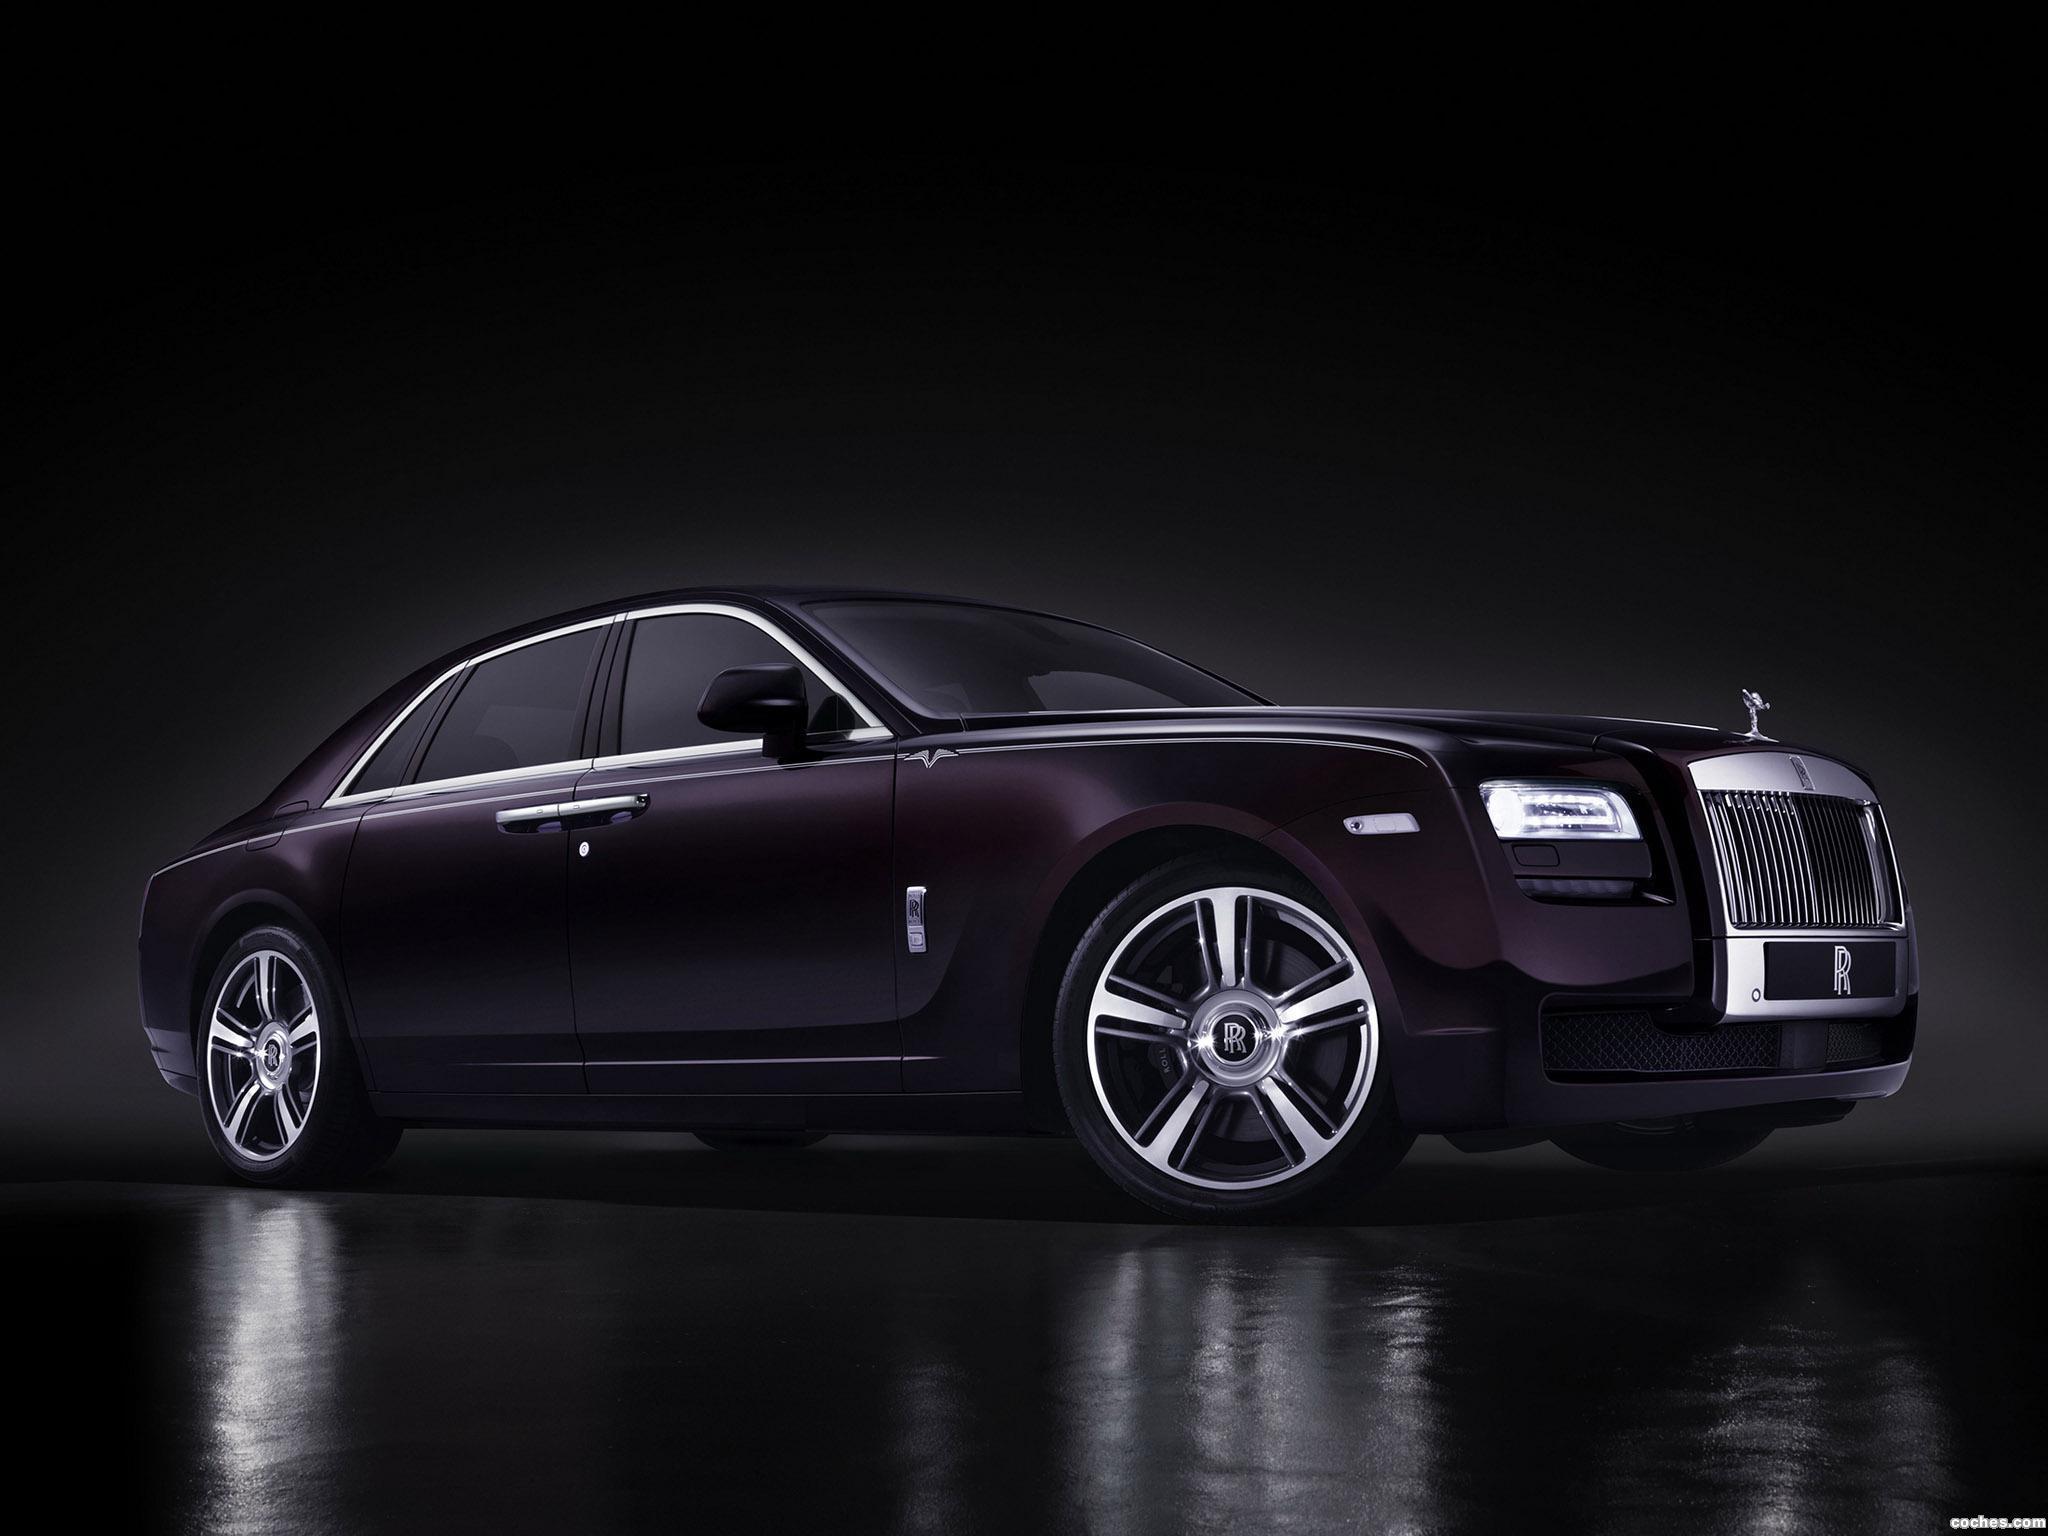 Foto 1 de Rolls Royce Ghost V Specification 2014